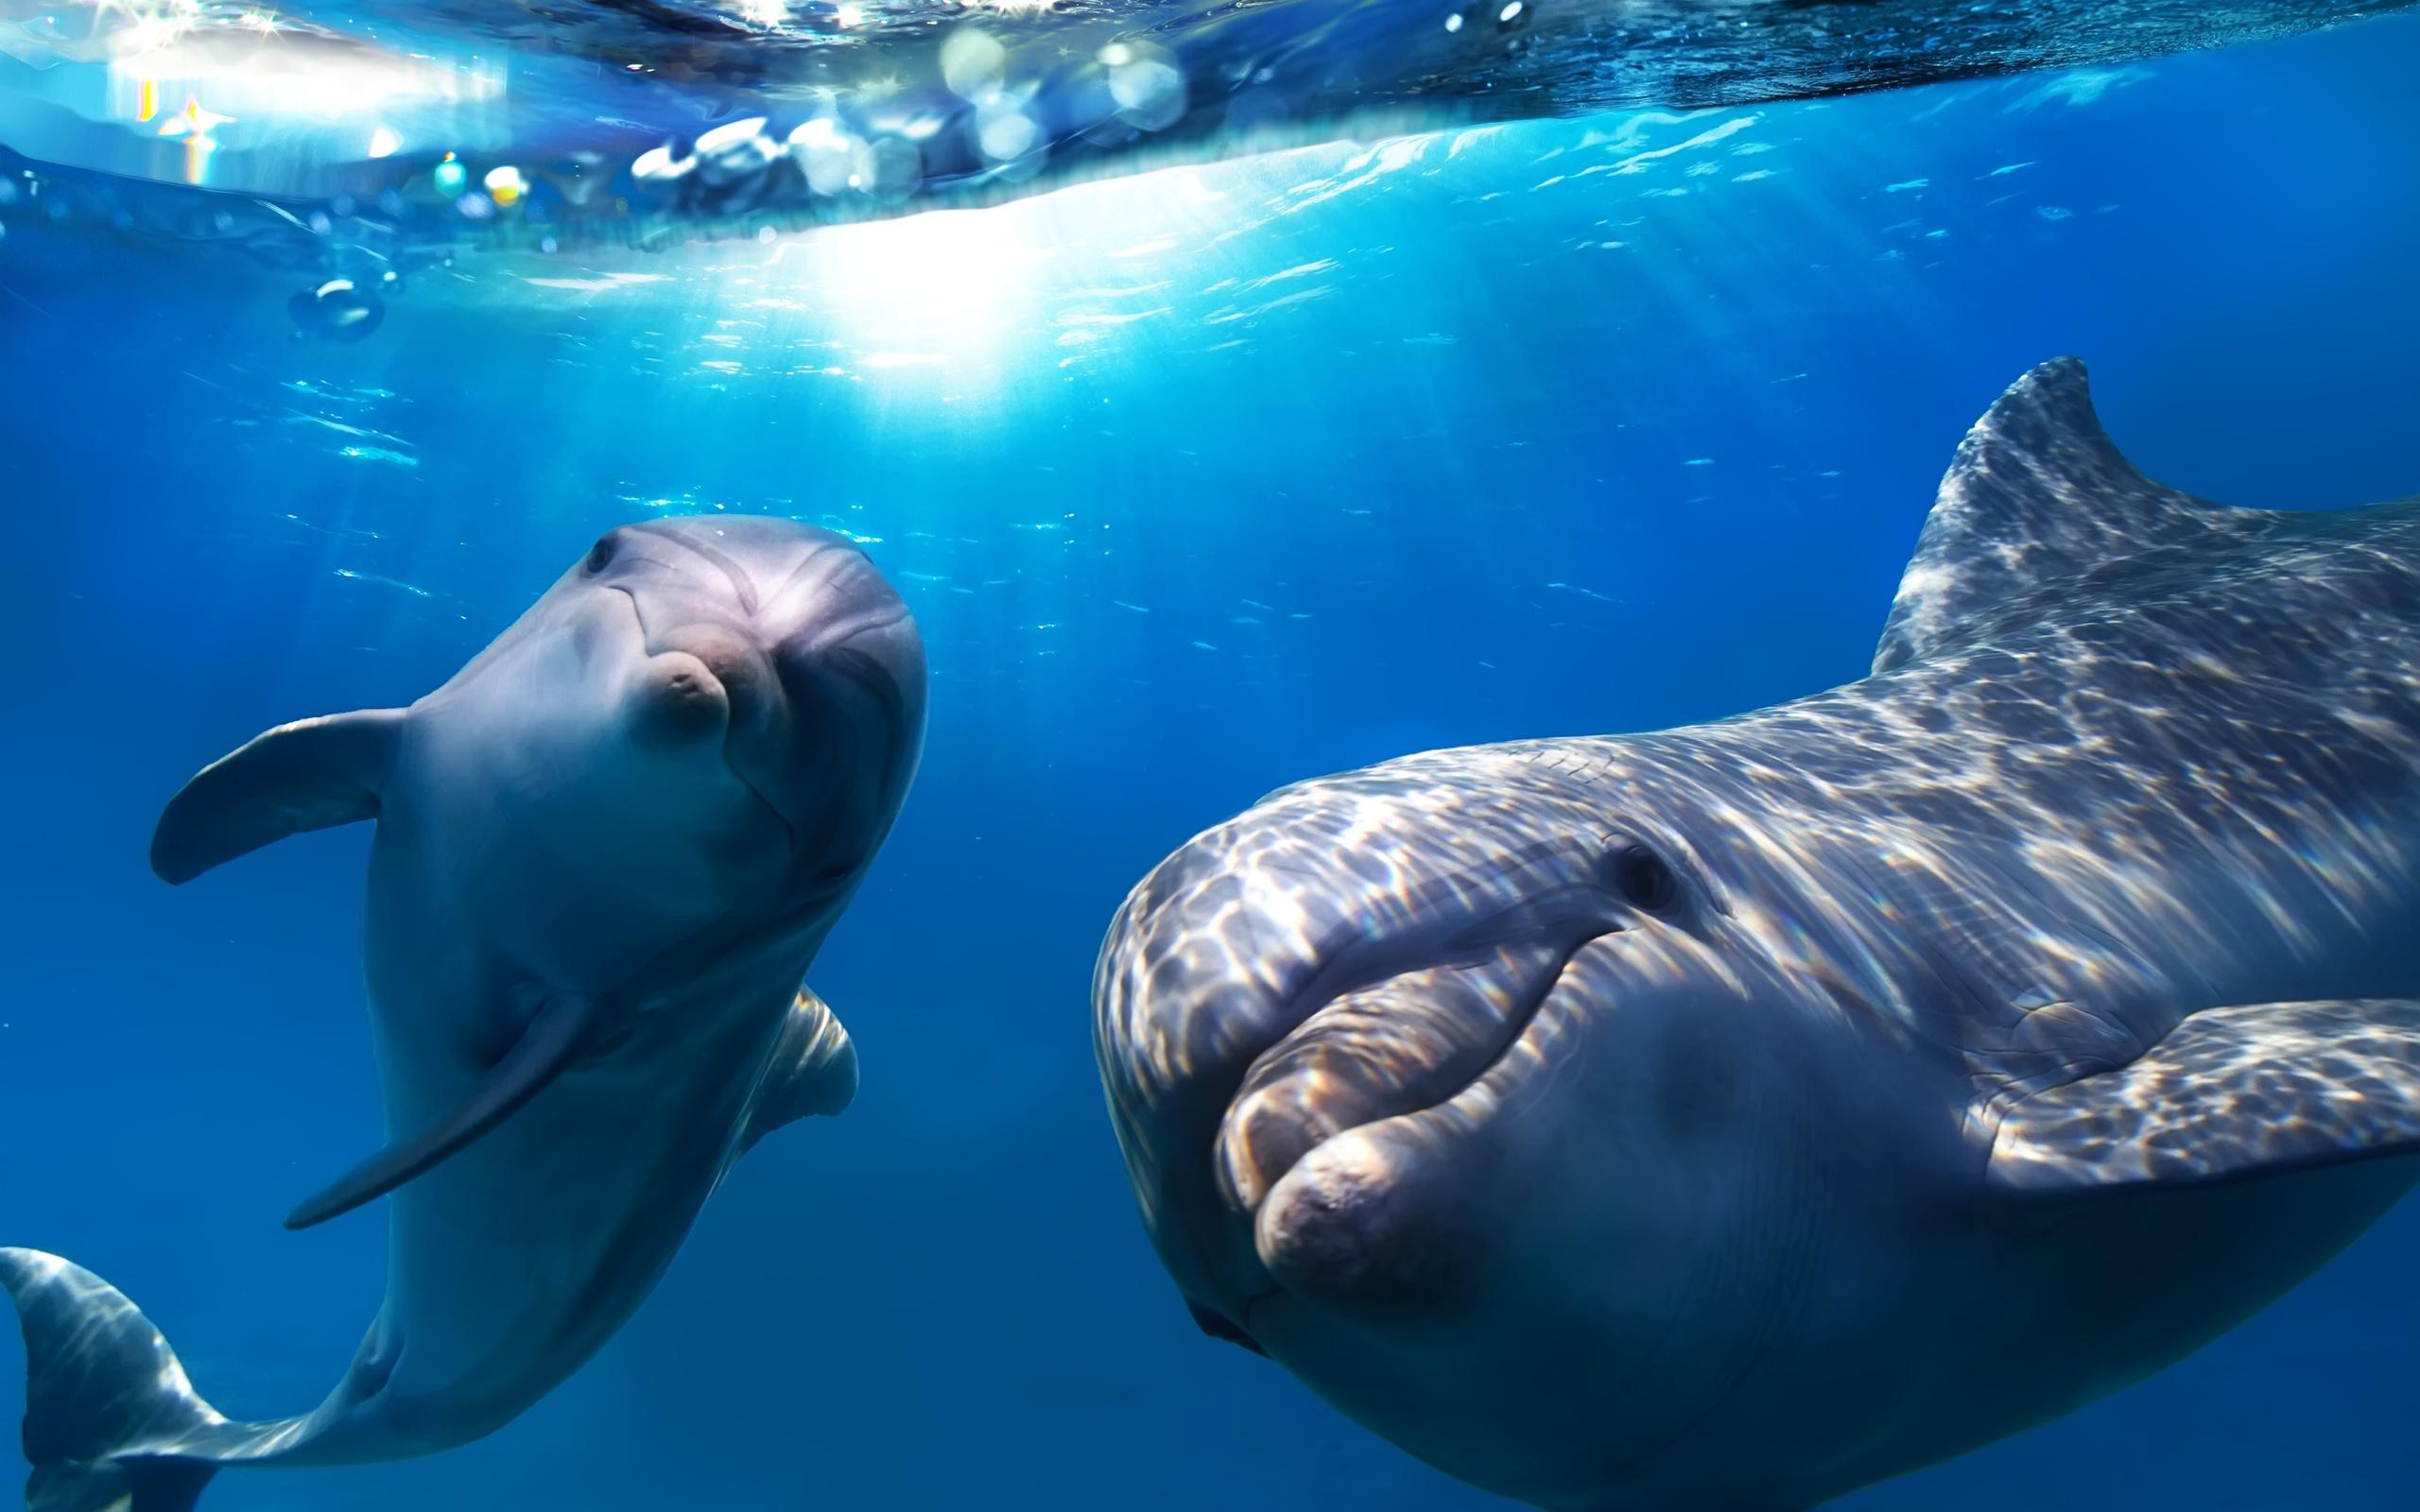 Скачать обои на рабочий стол дельфины скачать